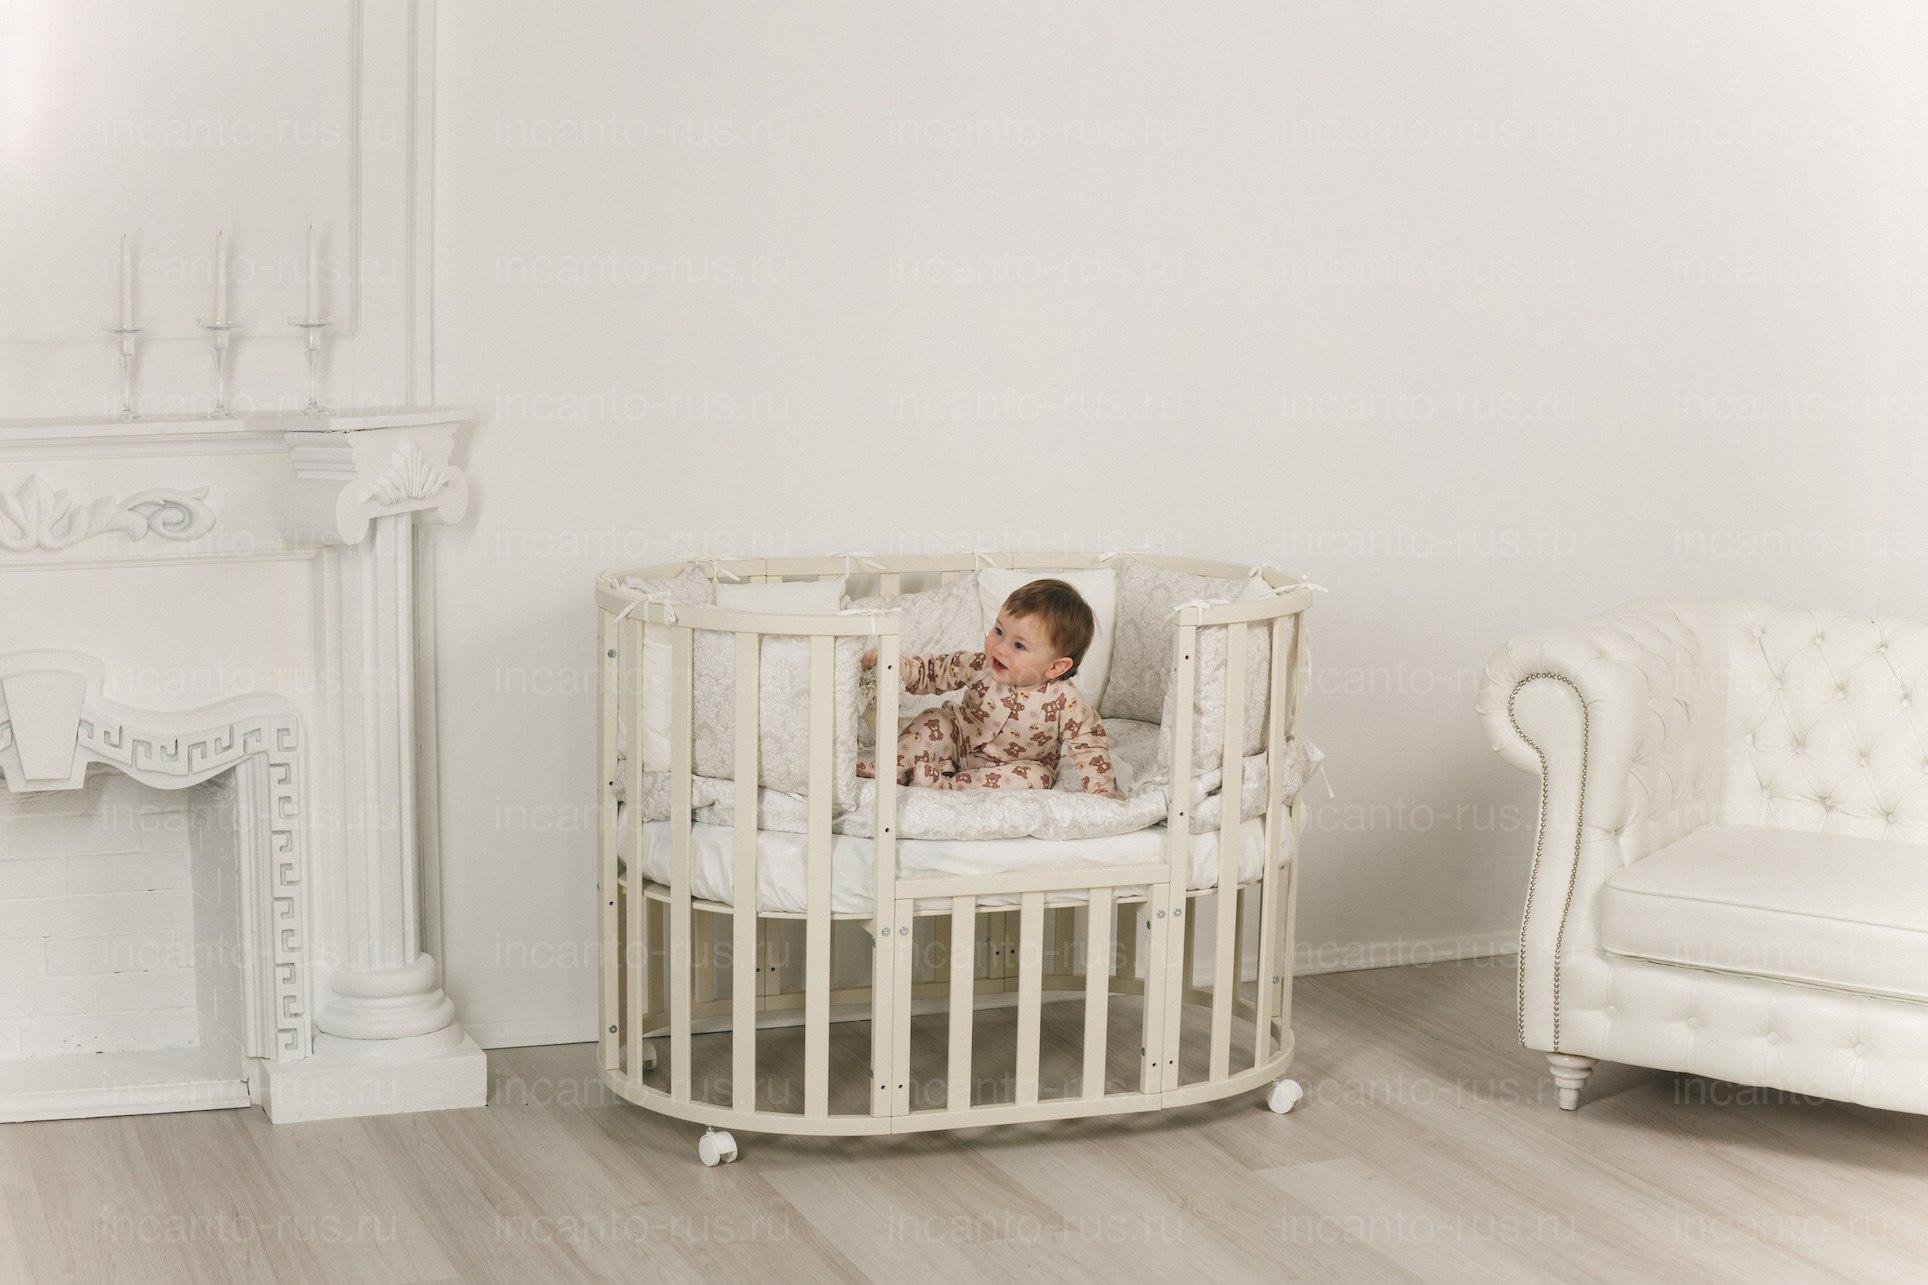 Детская кроватка INCANTO Uoma Da Vinci  колесо 10 в 1